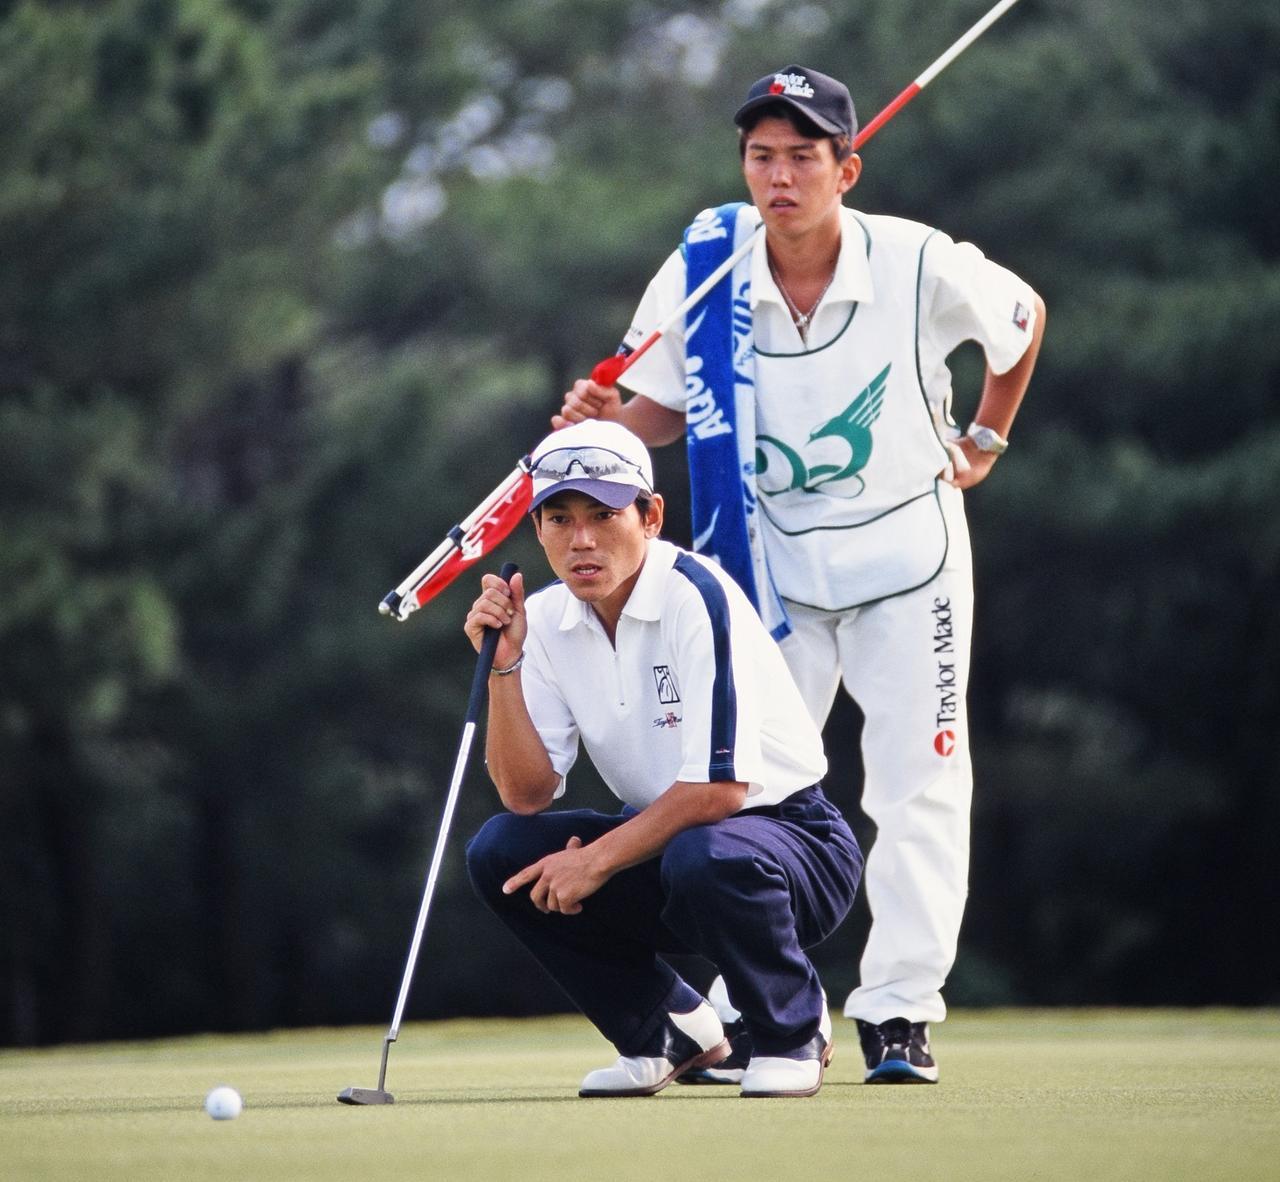 画像: 98年沖縄オープンでのひとコマ。同年、田中秀道とともに大洗GCでの日本オープンを制した